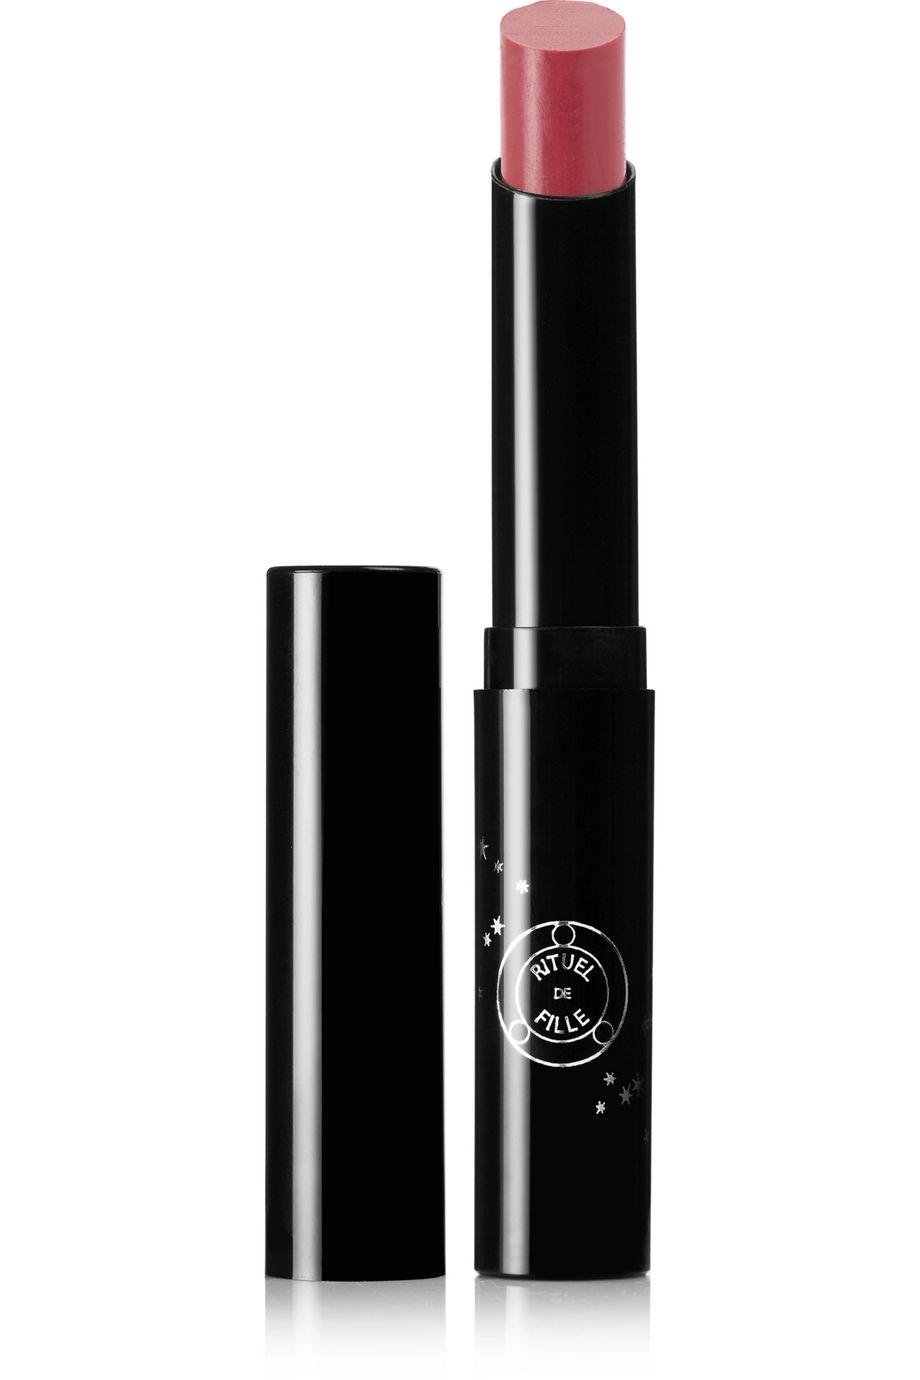 Rituel de Fille Enchanted Lip Sheer - Datura